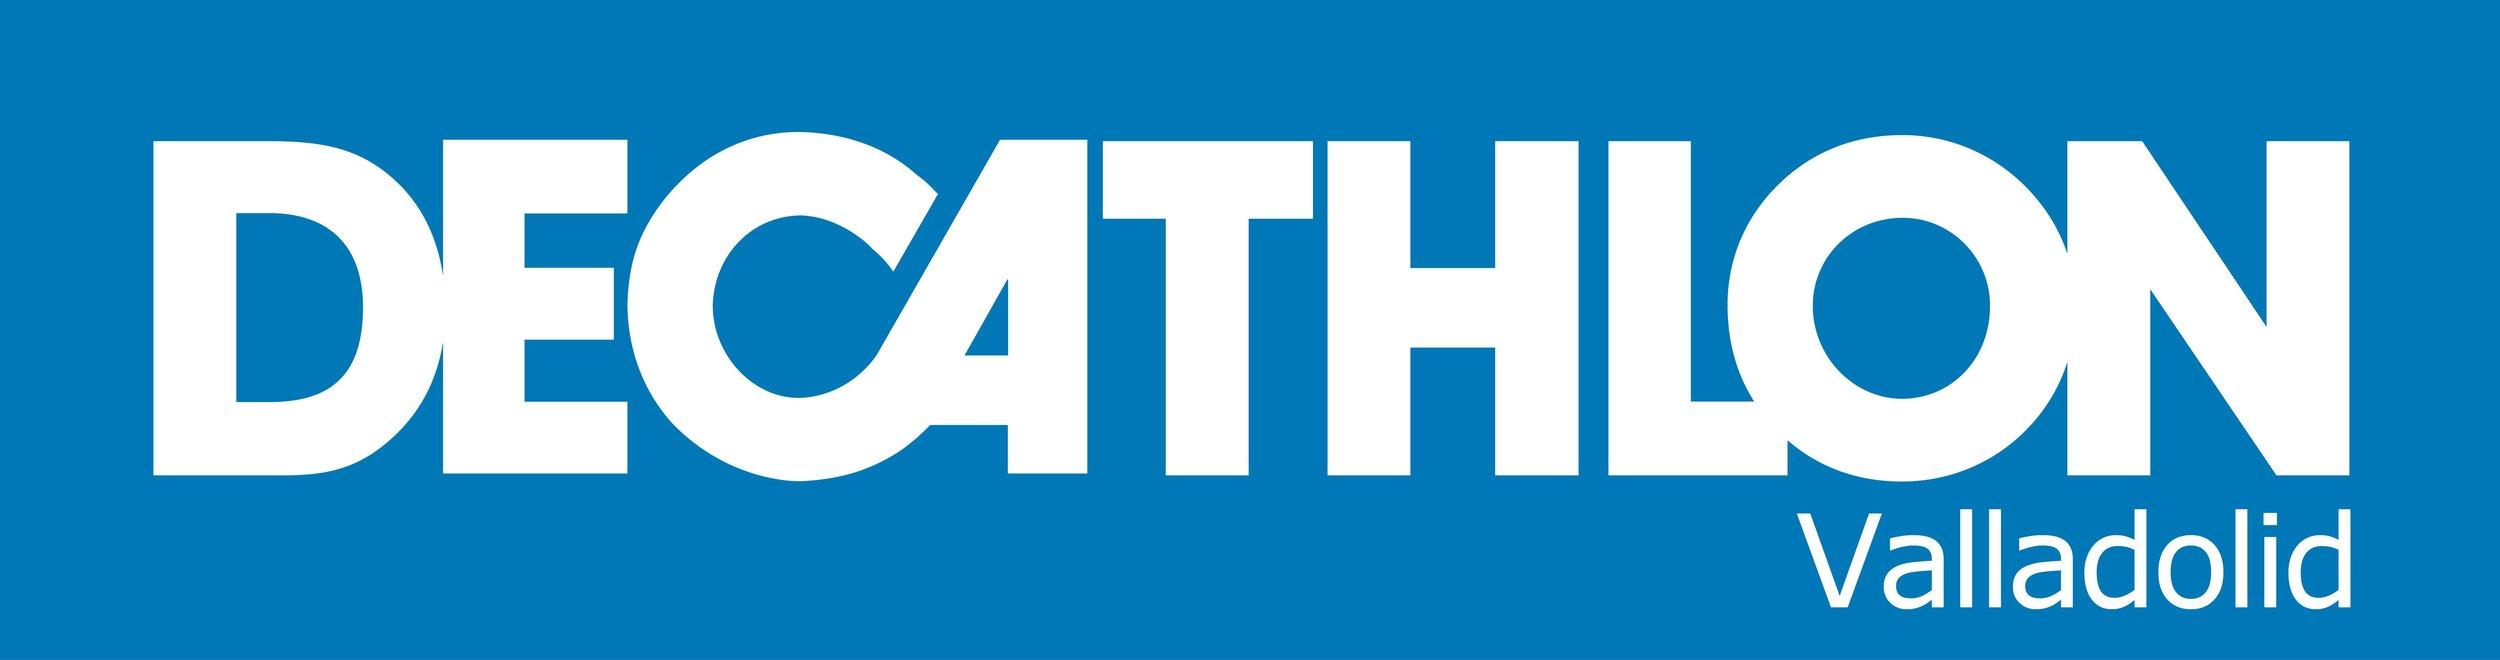 Logotipo de Decathlon.jpg